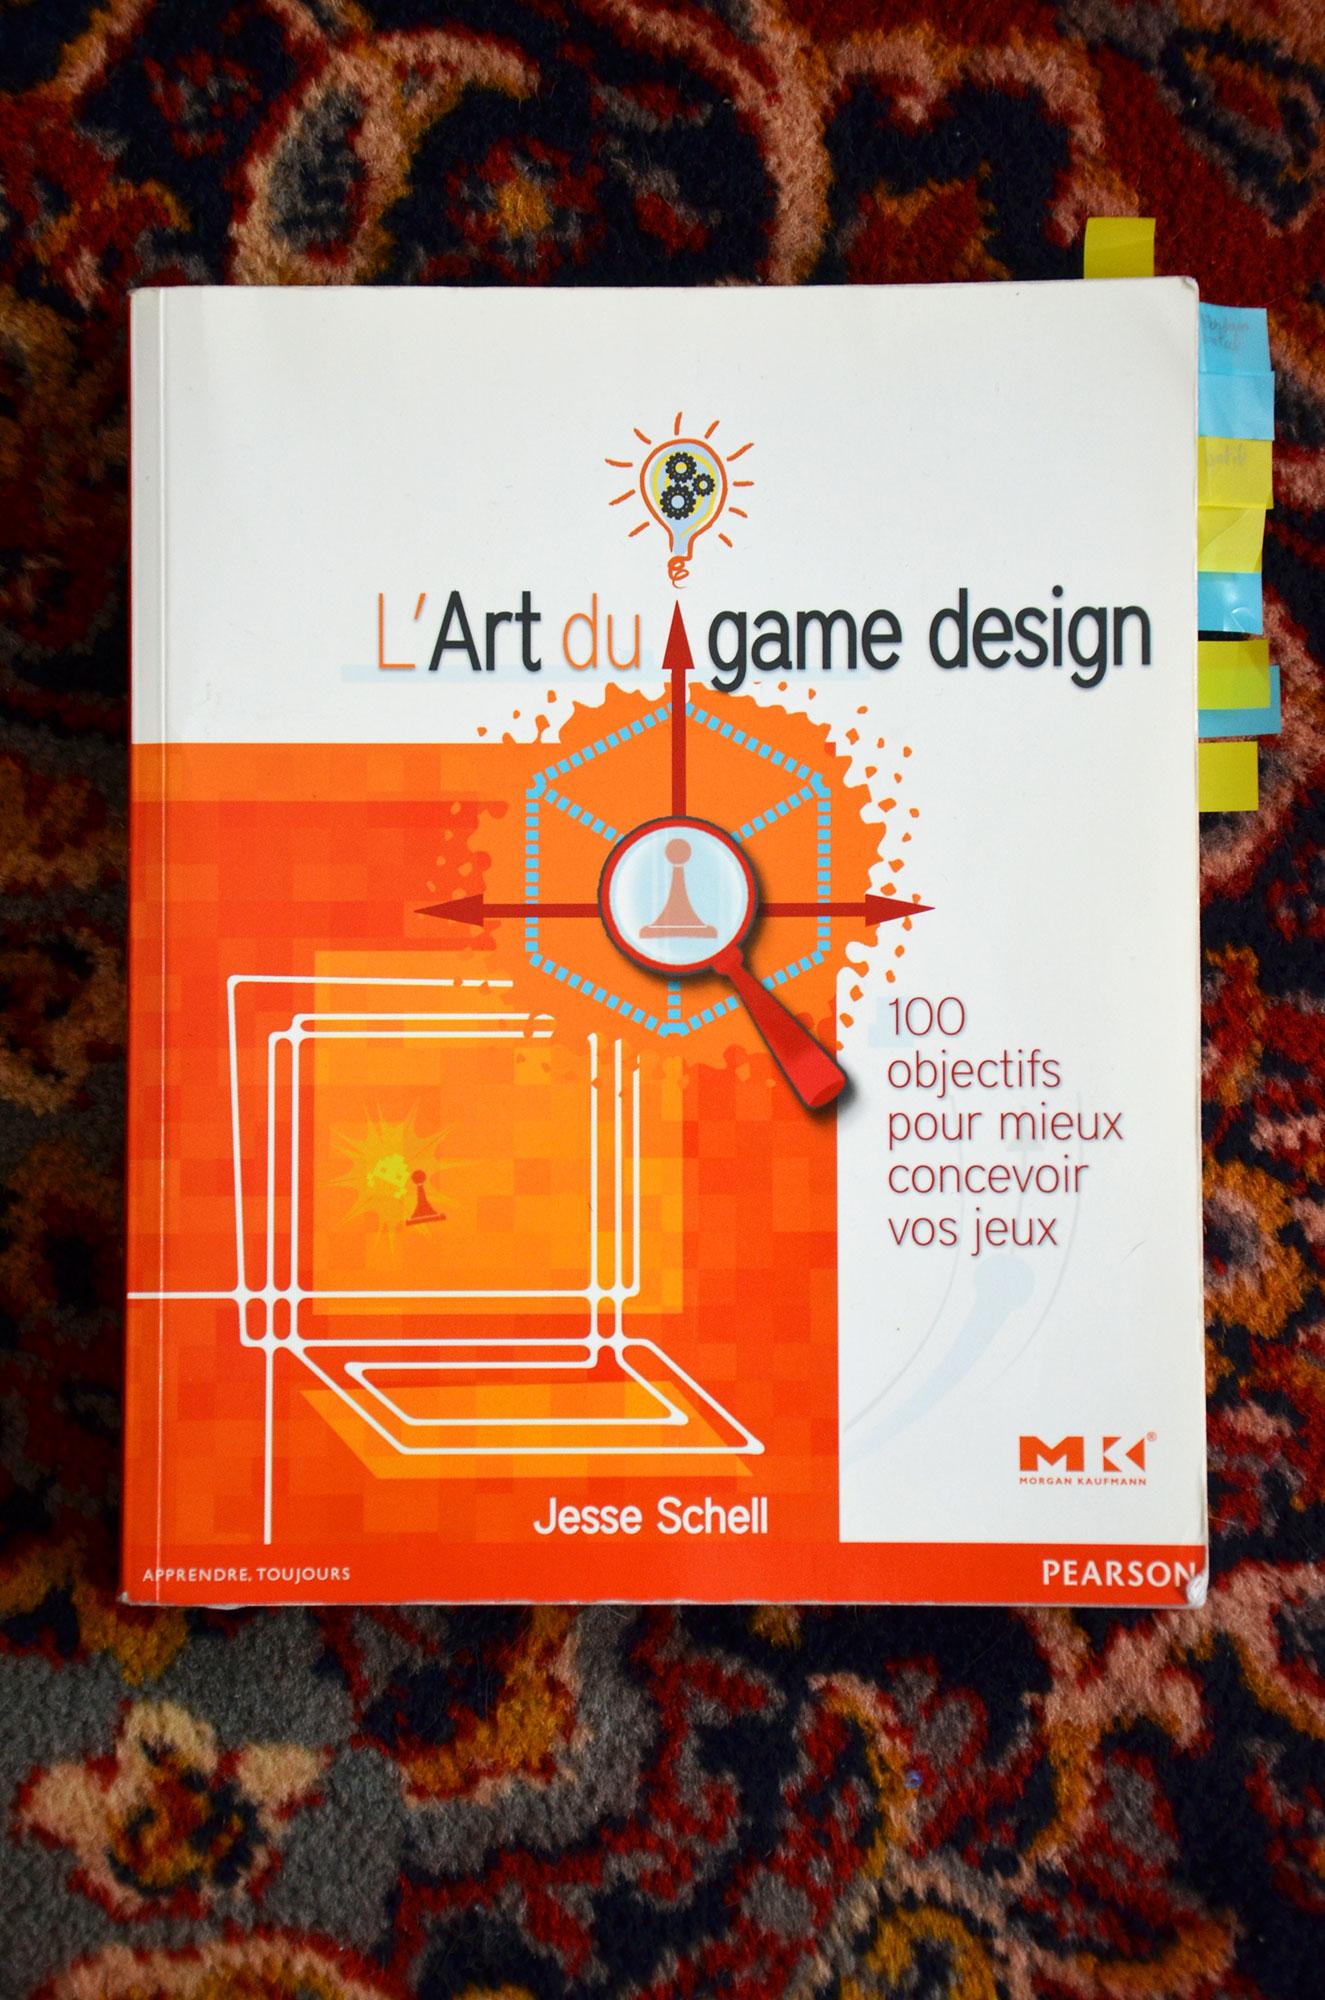 Jesse Schell Game Design